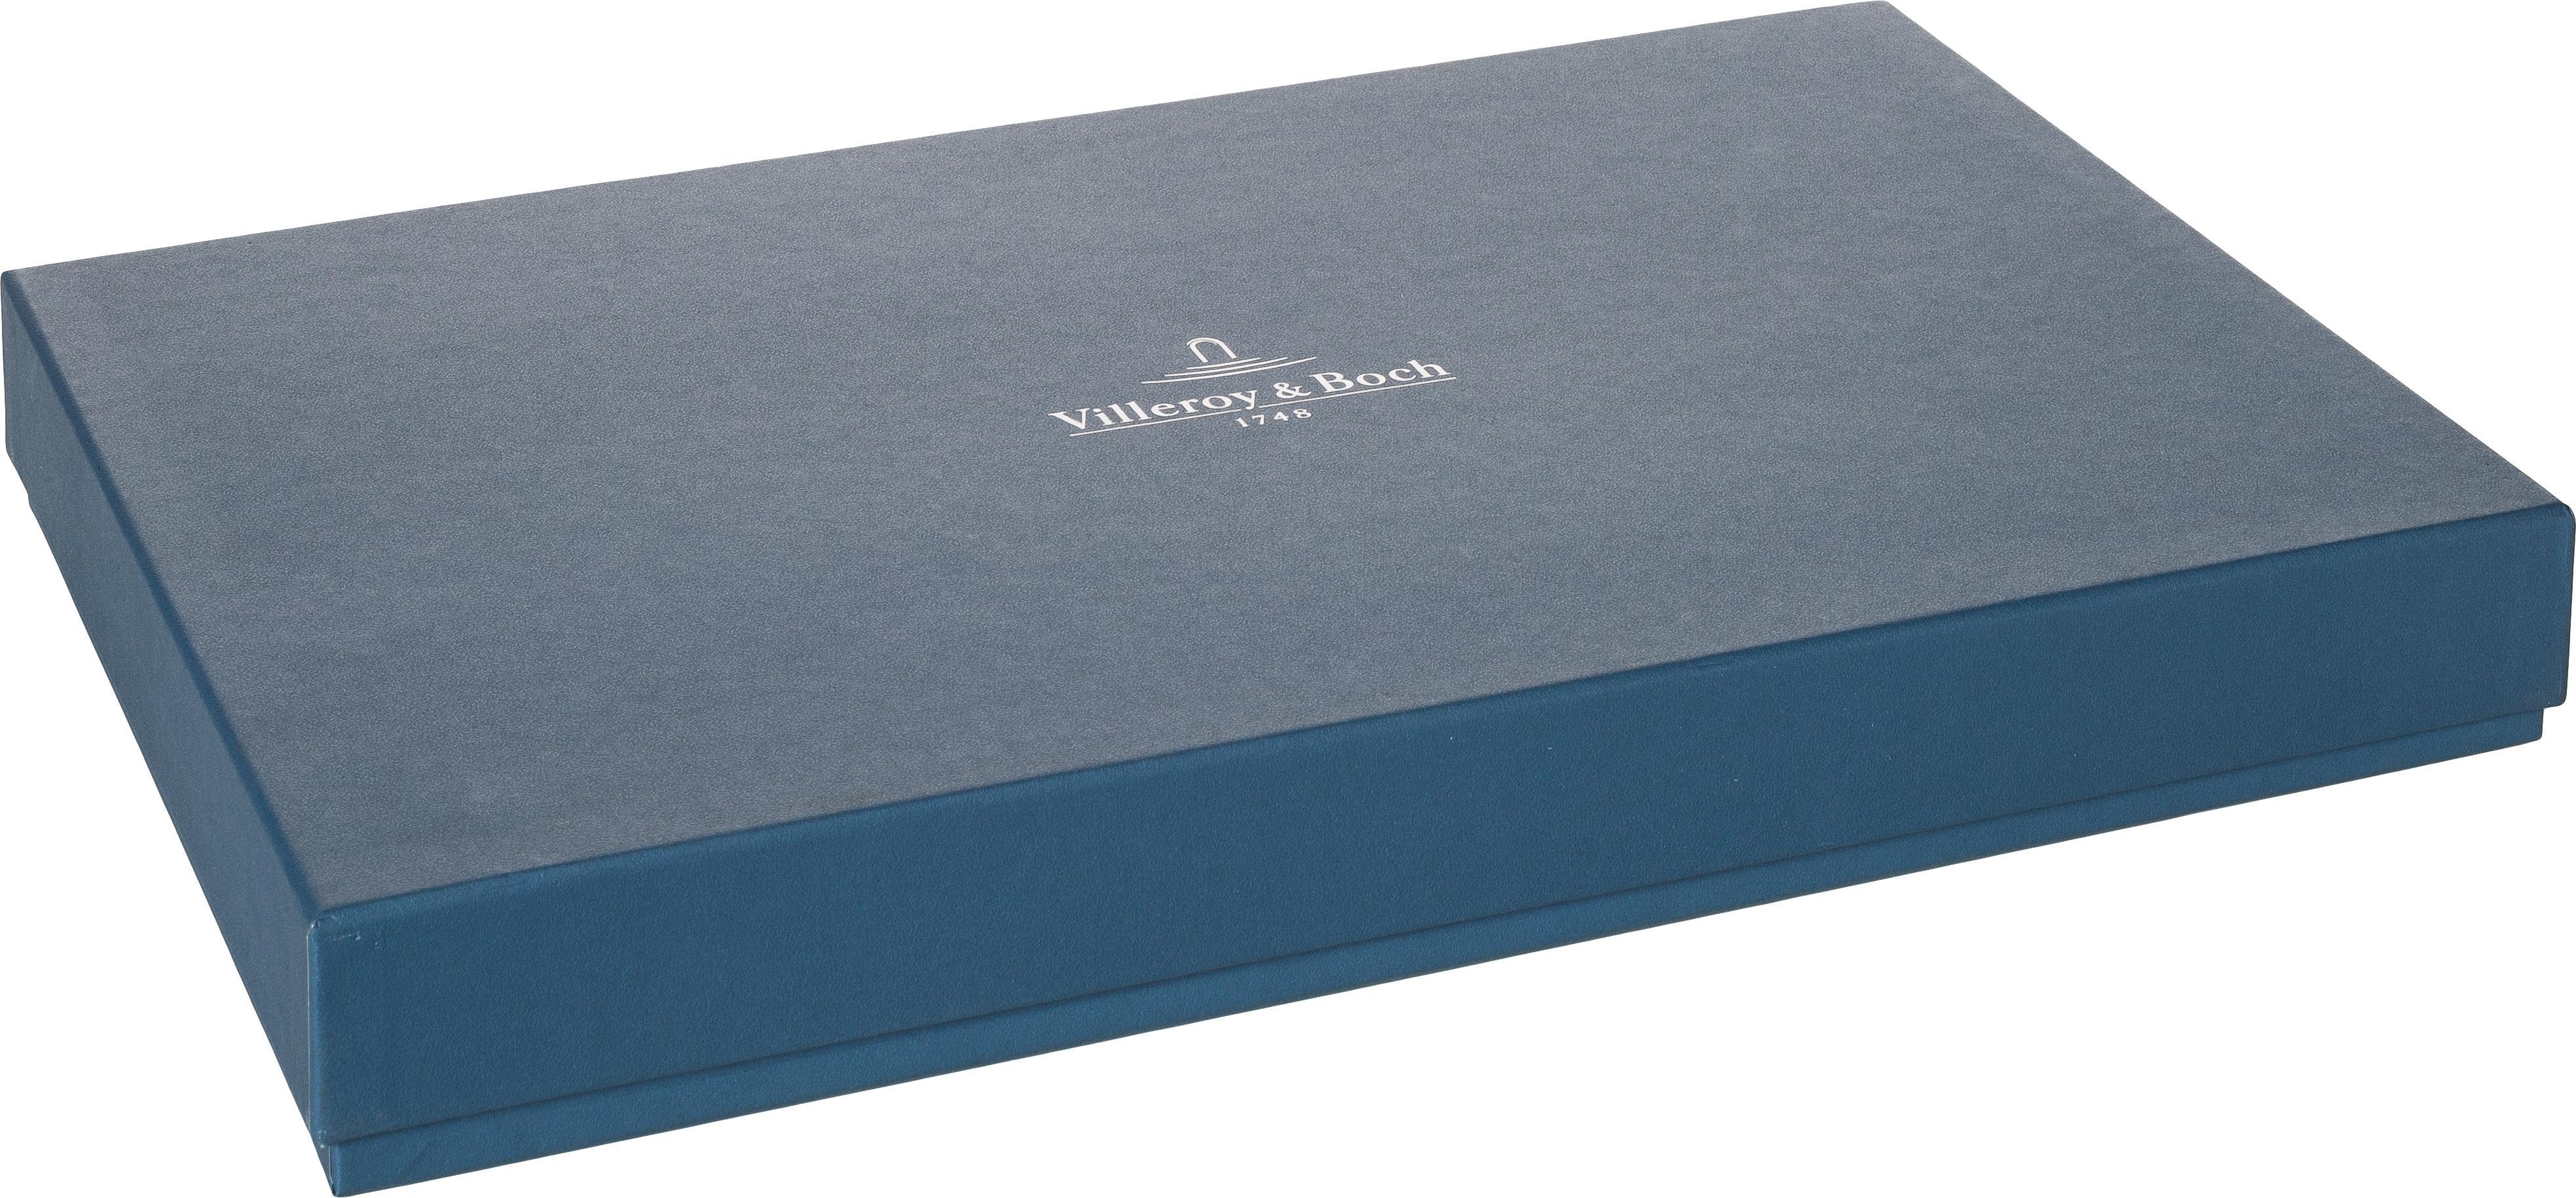 Silbernes Besteck-Set Blacksmith aus 18/10 Edelstahl, 6 Personen (30-tlg.), Edelstahl, Edelstahl, verschiedene Grössen